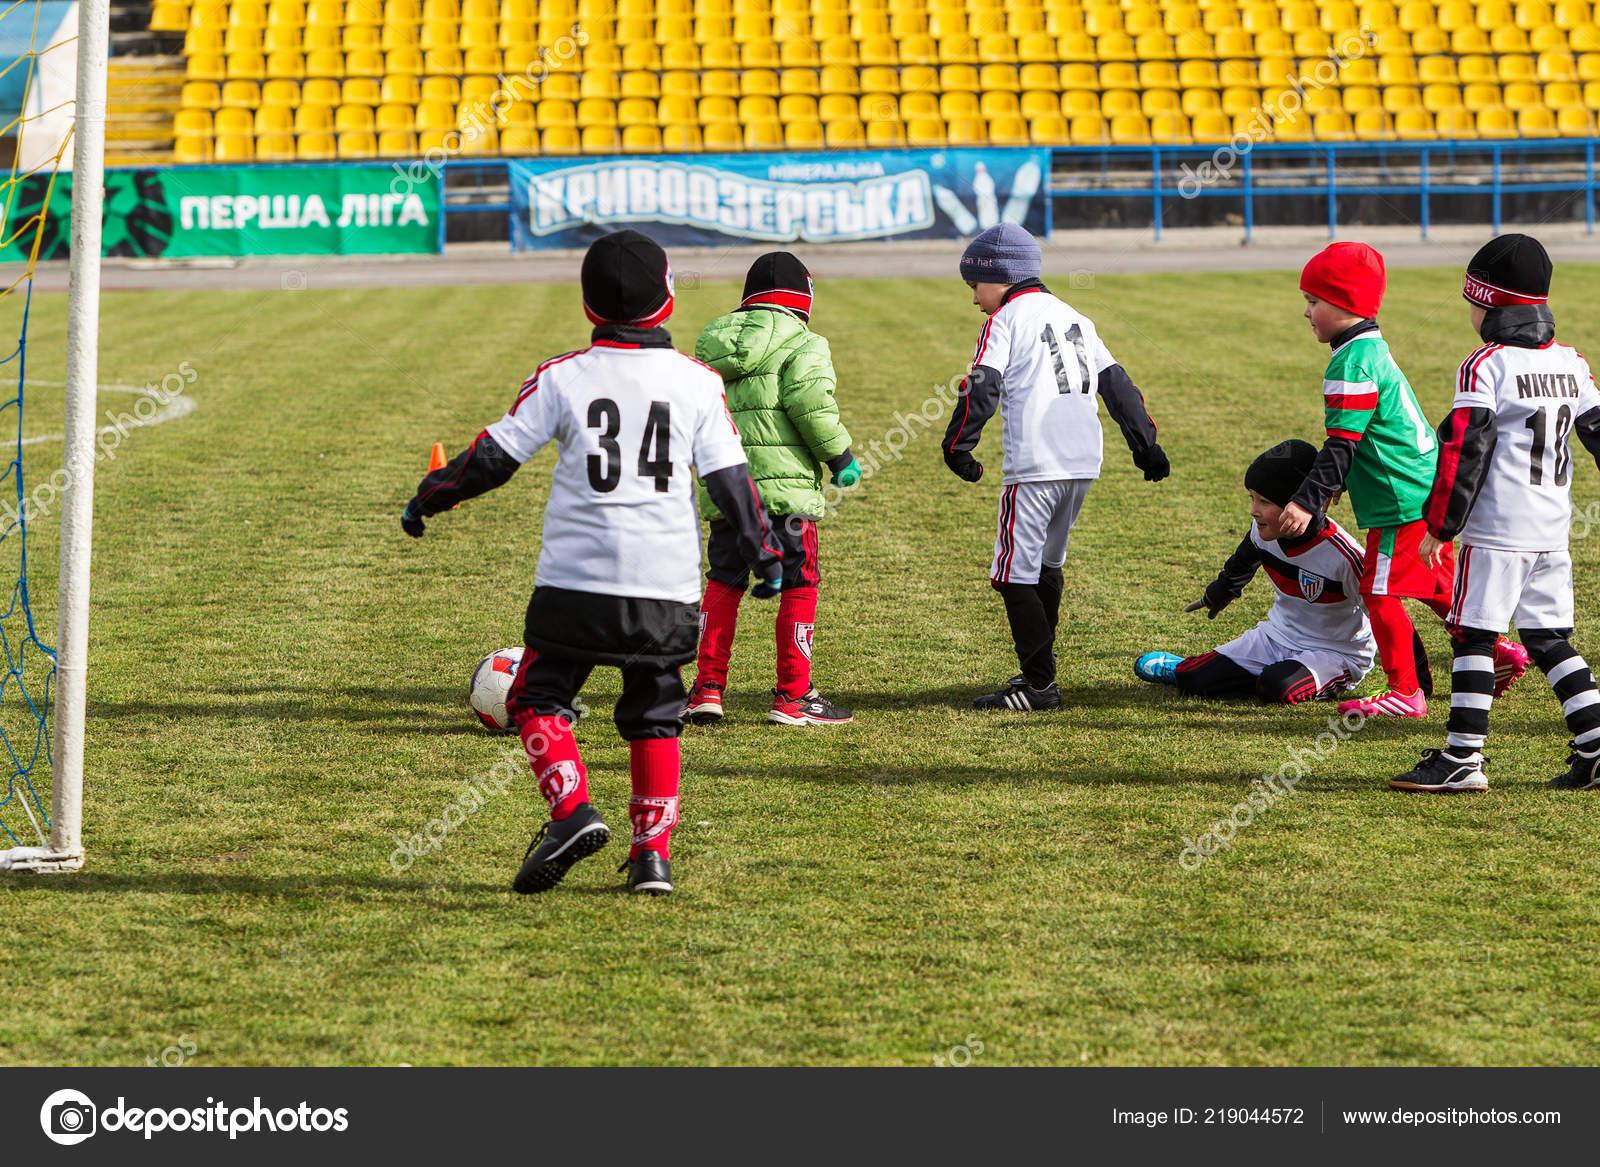 Odessa Ucrania Abril 2018 Entrenamiento Deportes Juegos Para Ninos